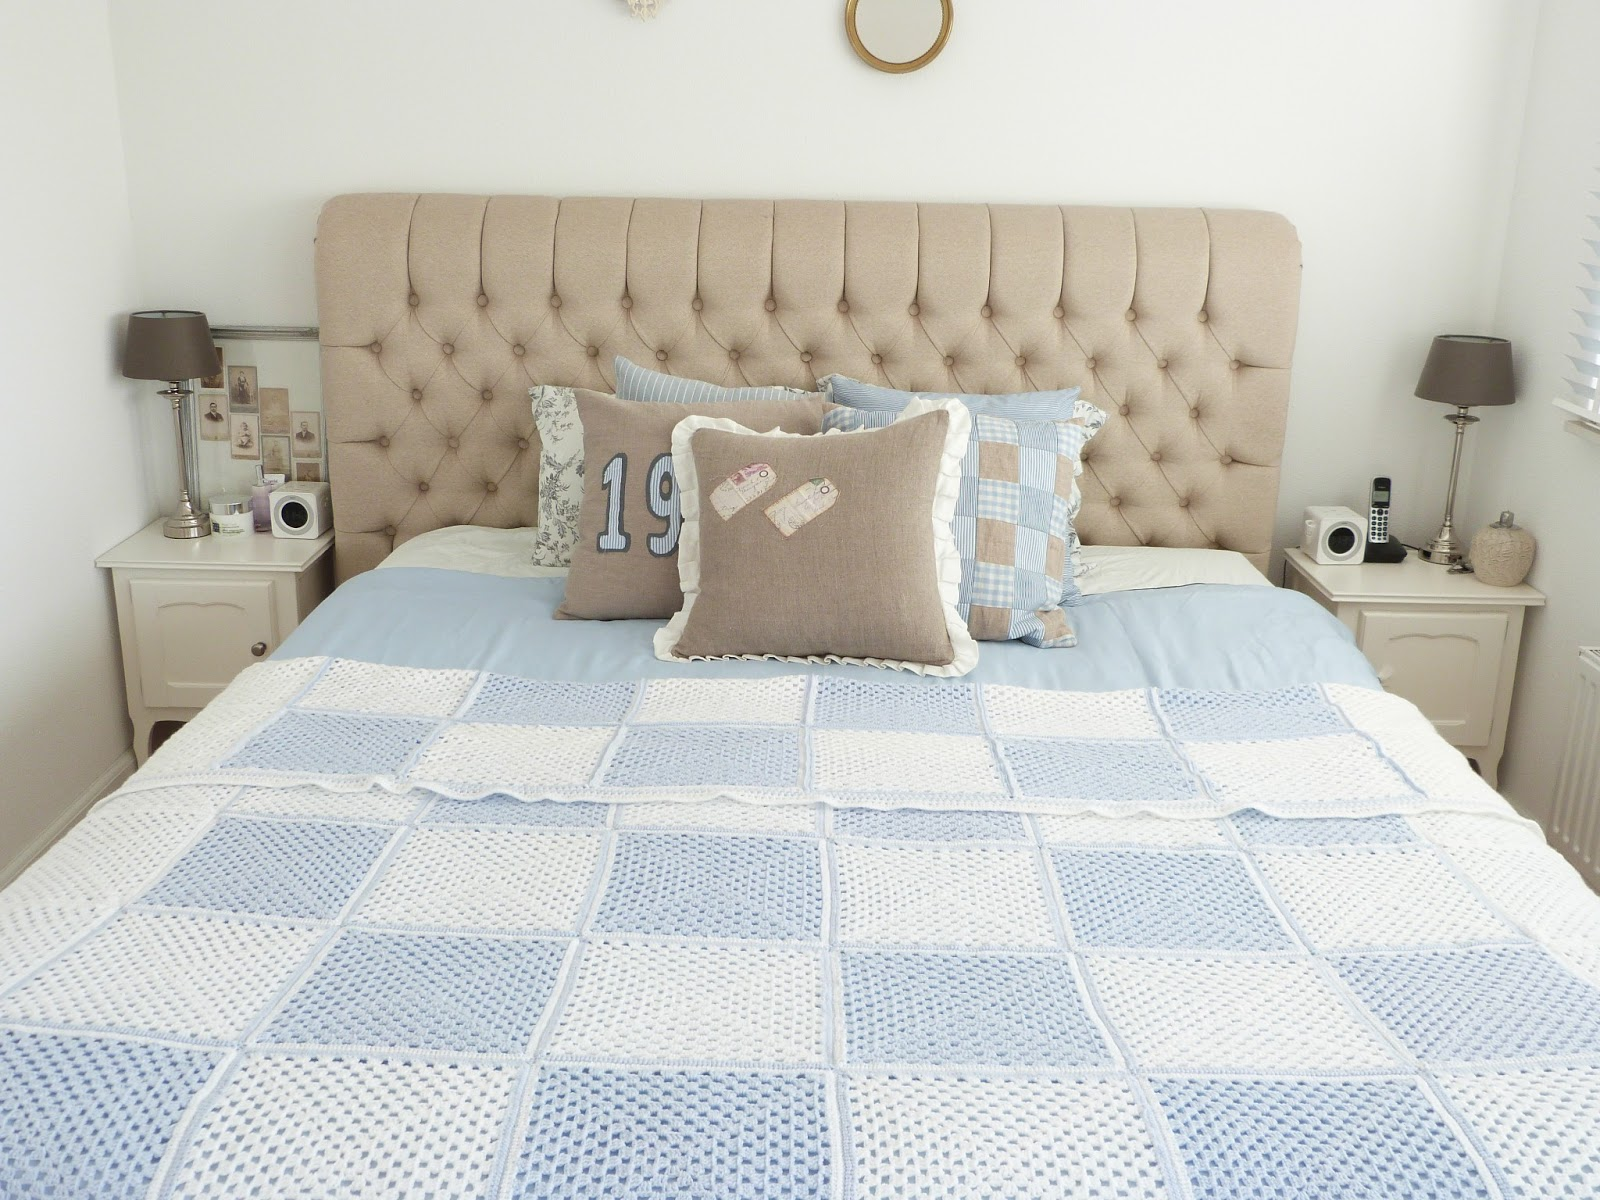 Slaapkamer Decoreren : Onze slaapkamer ziet er momenteel zo uit, met ...